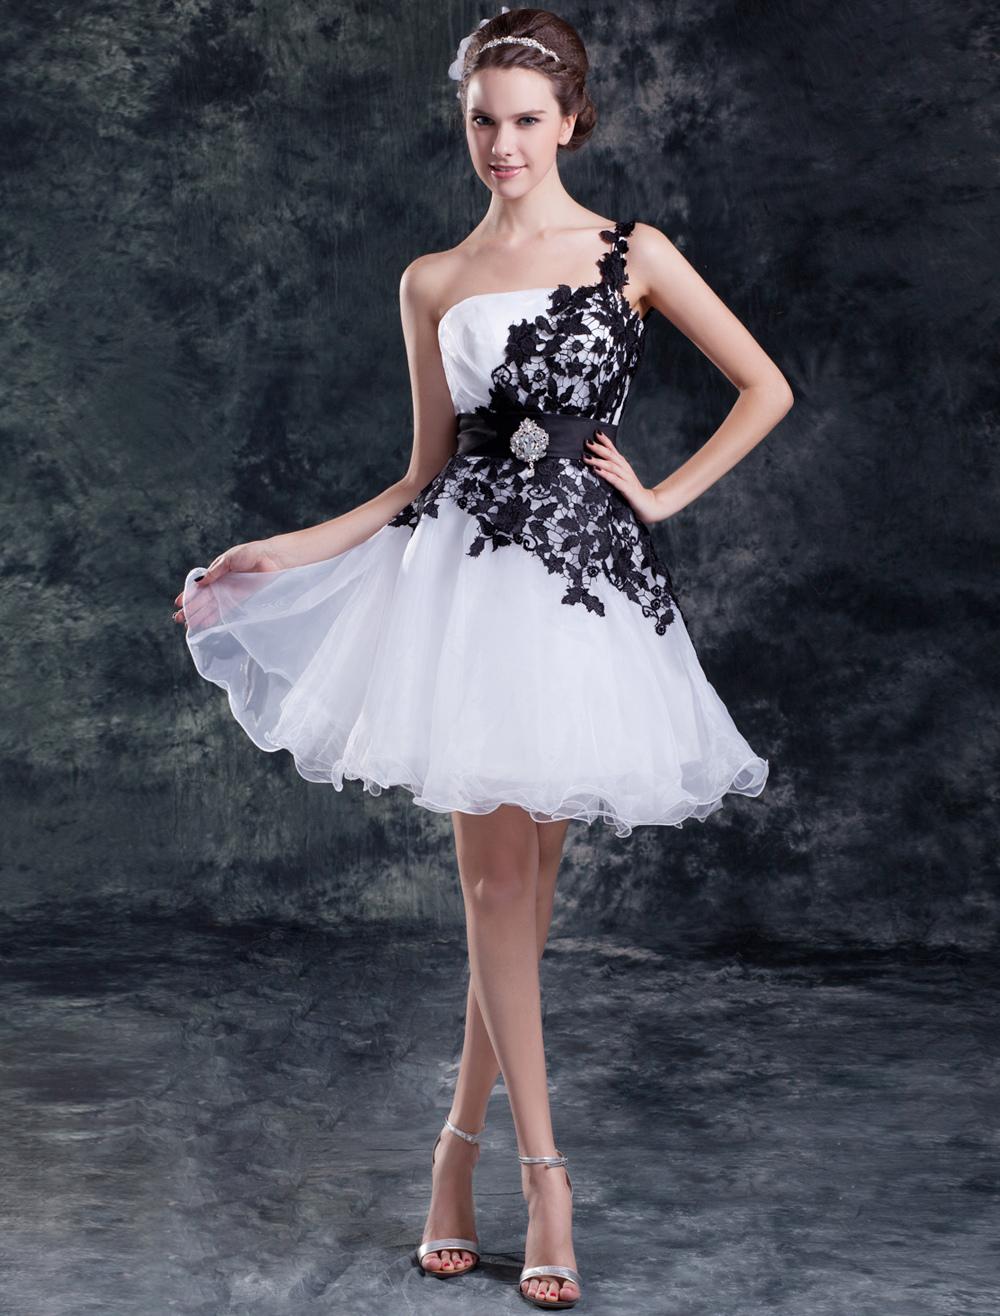 66a6f52951e2 Abito da sposa bianco organza monospalla vestito da ballo corto mini ...